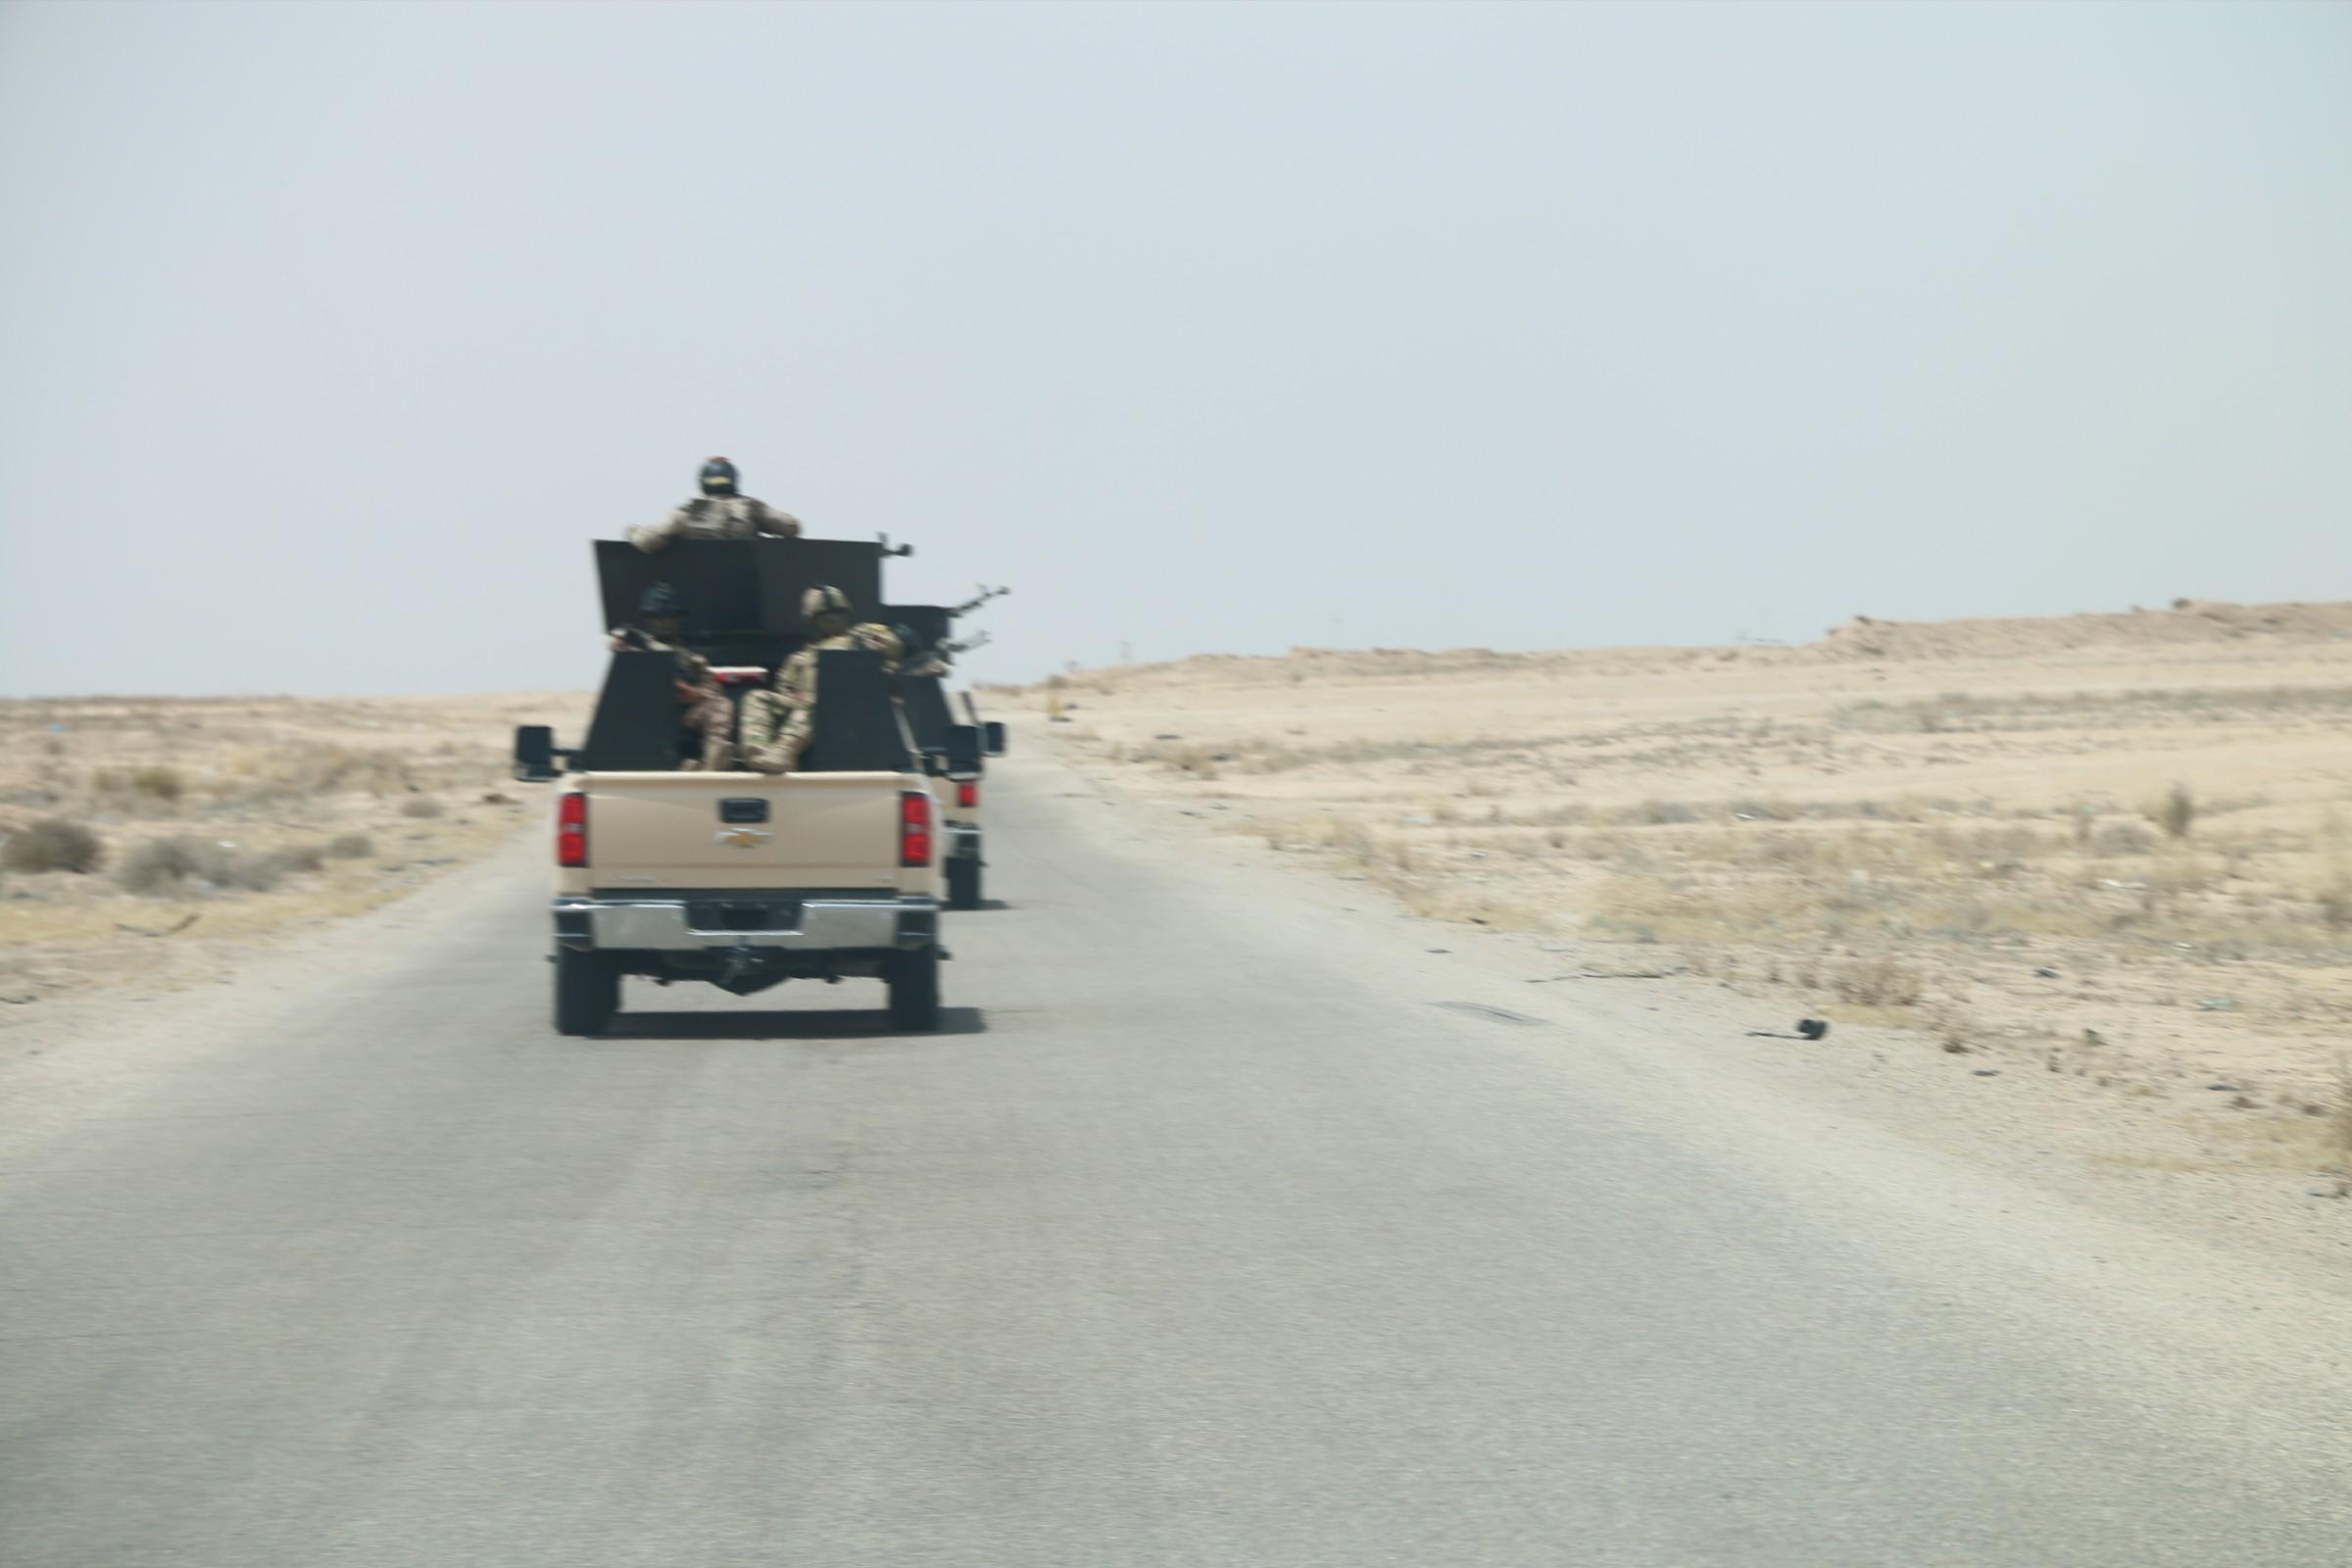 اعادة افتتاح طريق الرحالية – الفلوجة والرمادي بعد ثلاث سنوات على اغلاقه